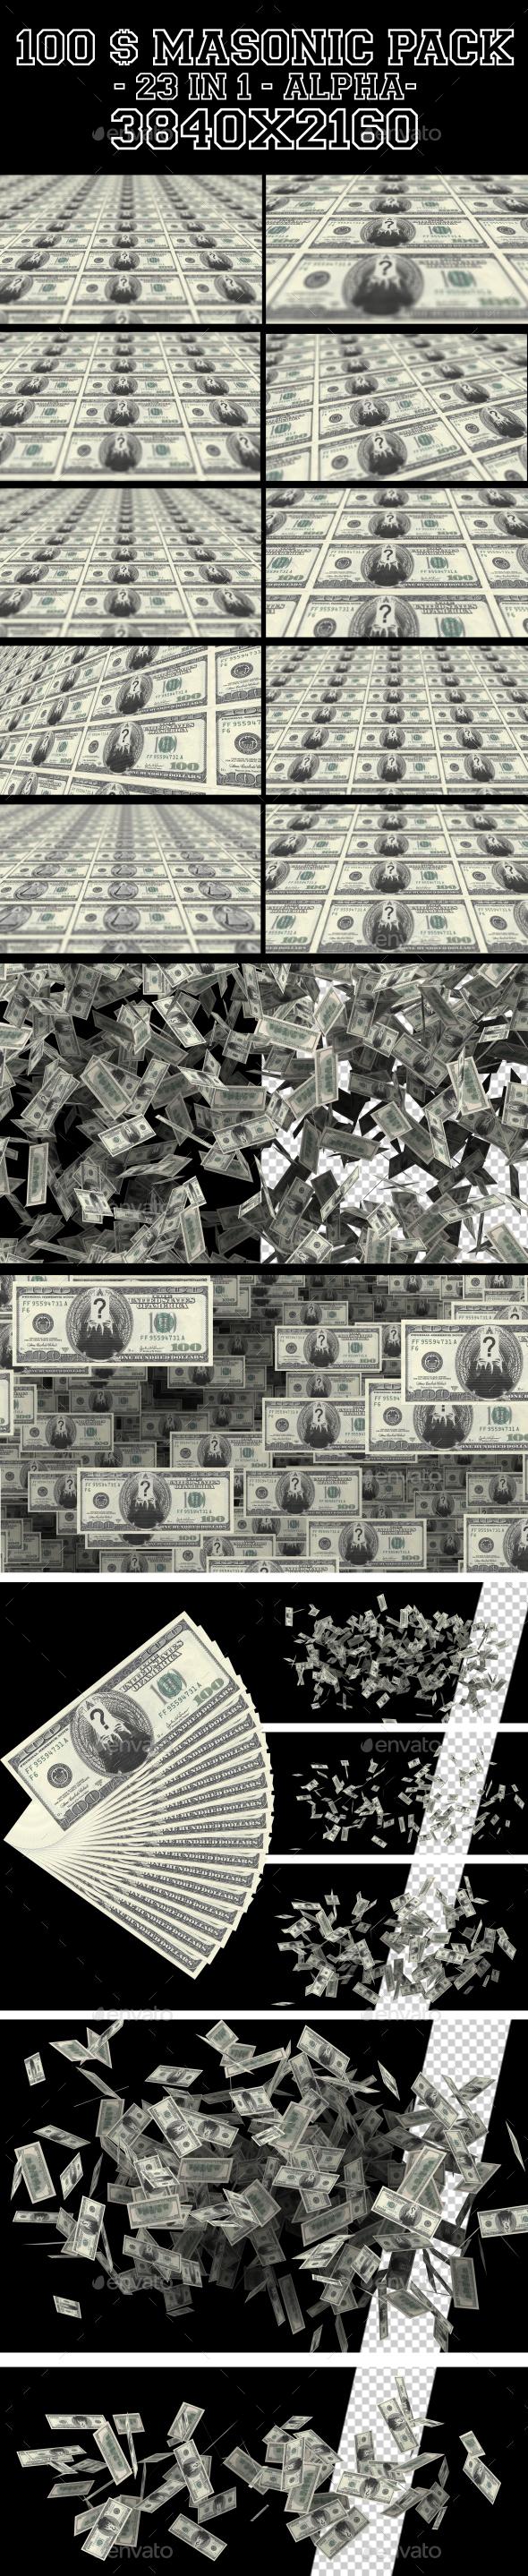 100 Masonic Dollars Pack V2 23 in 1 - 3D Backgrounds